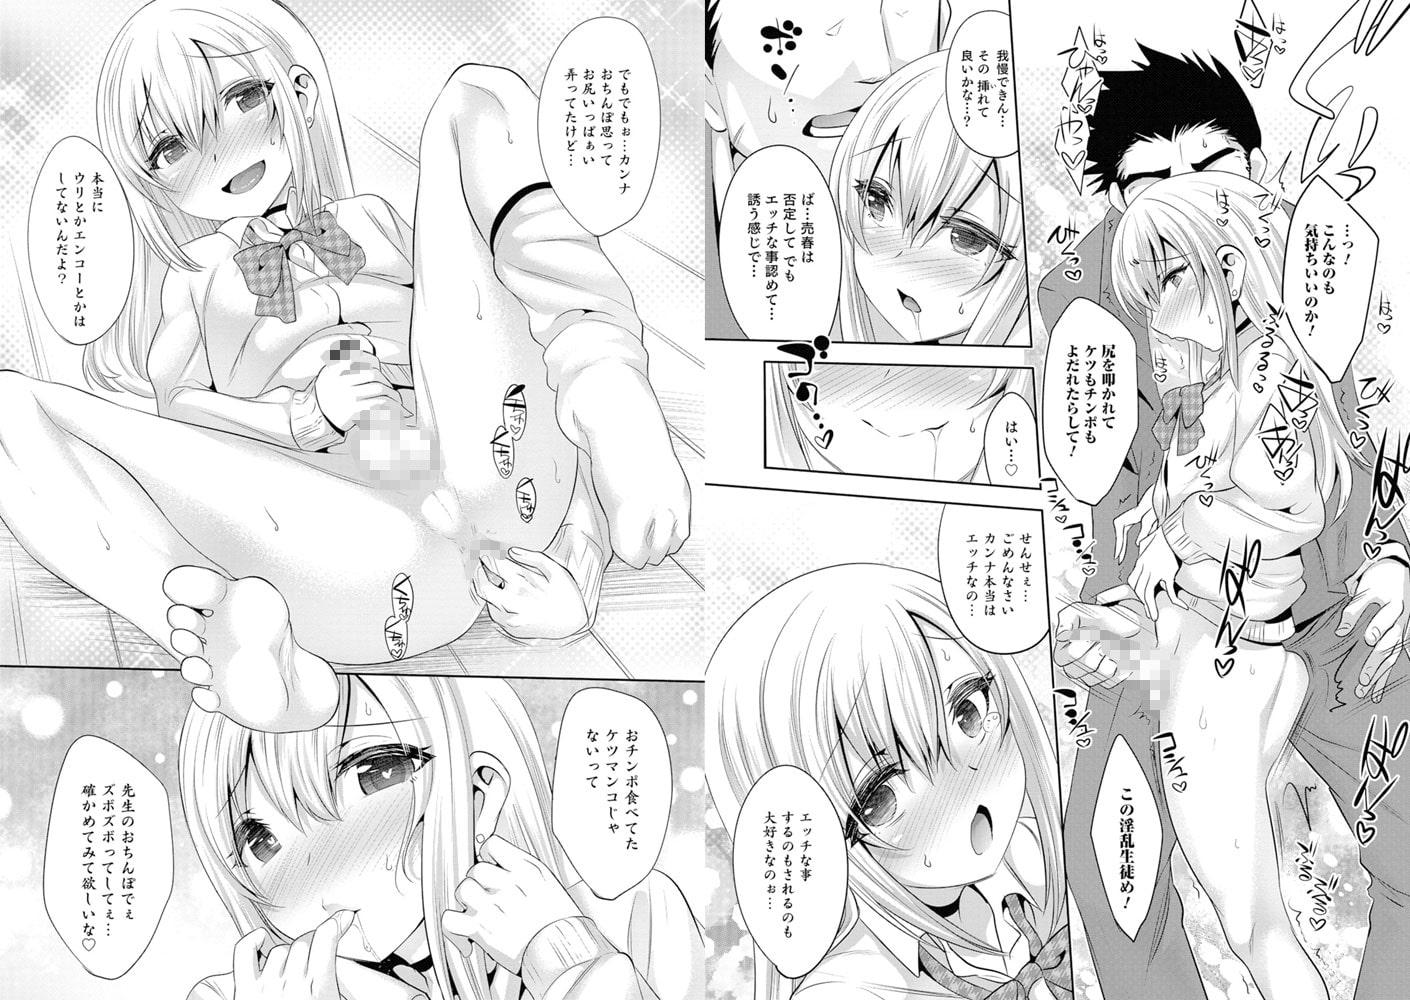 オトコのコHEAVEN Vol.39 世界制服×男の娘アイドル